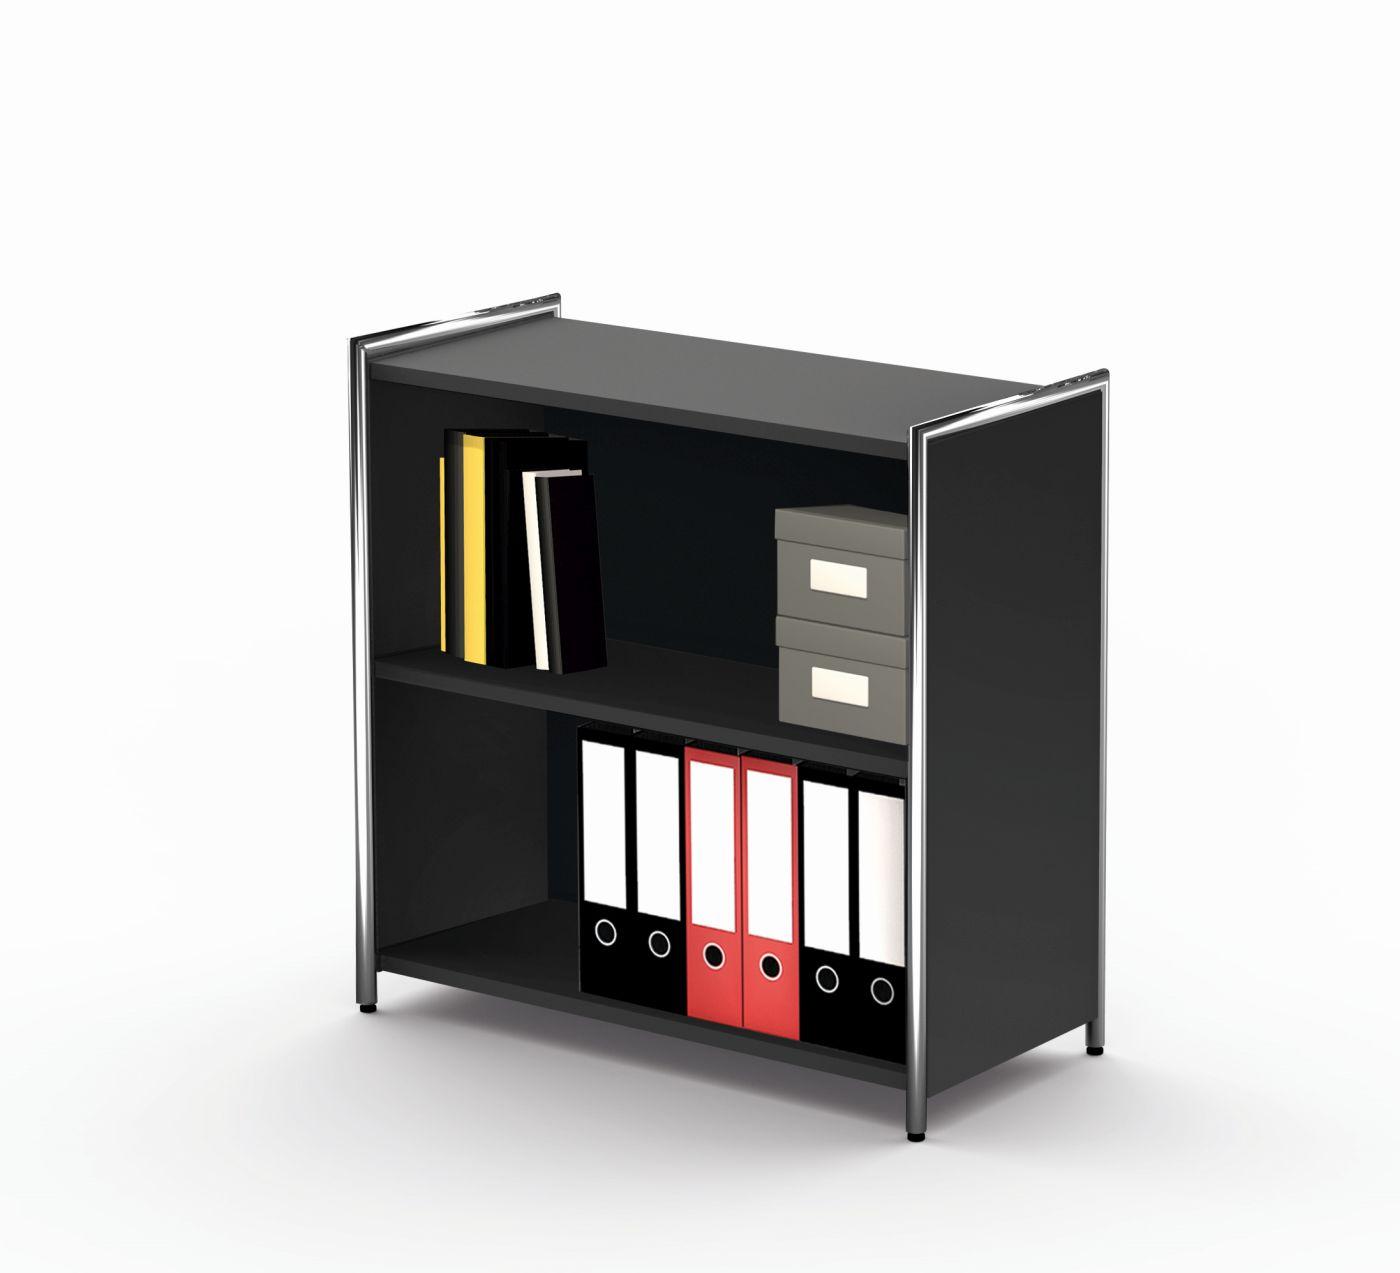 Sideboard Regal 2 OH | Klassiker Direkt - Chefzimmer, Büromöbel ...